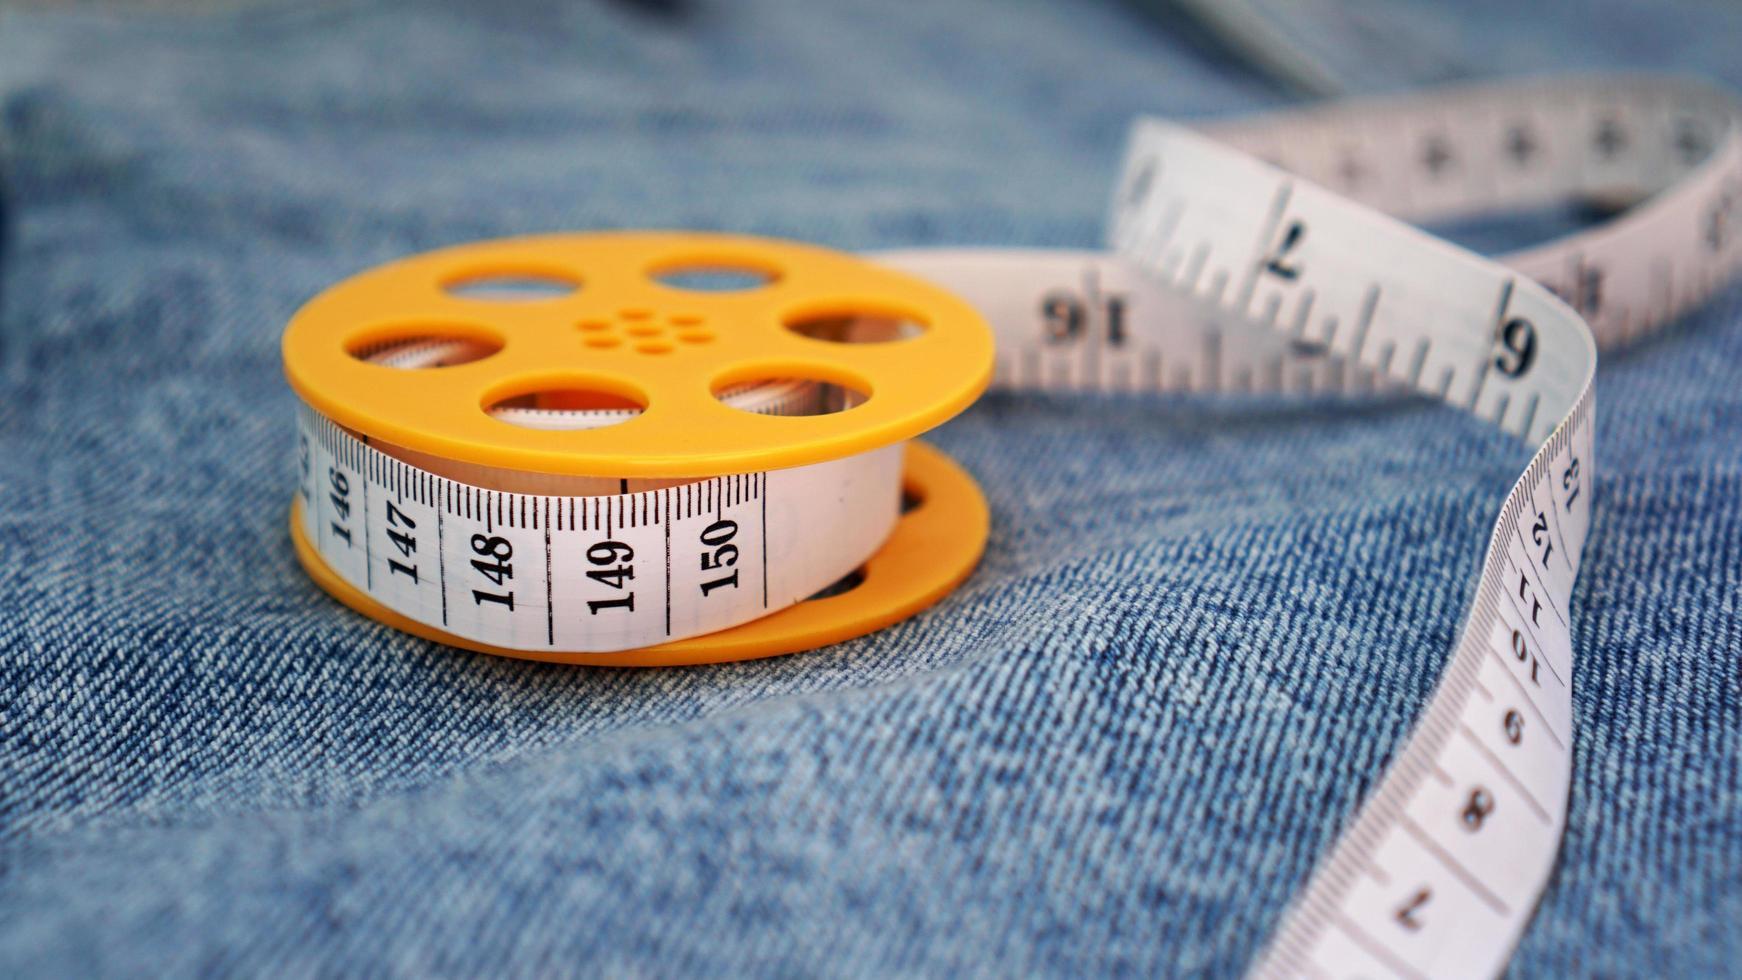 blauwe spijkerbroek en een meetlint. afslanken of naaien denim concept foto